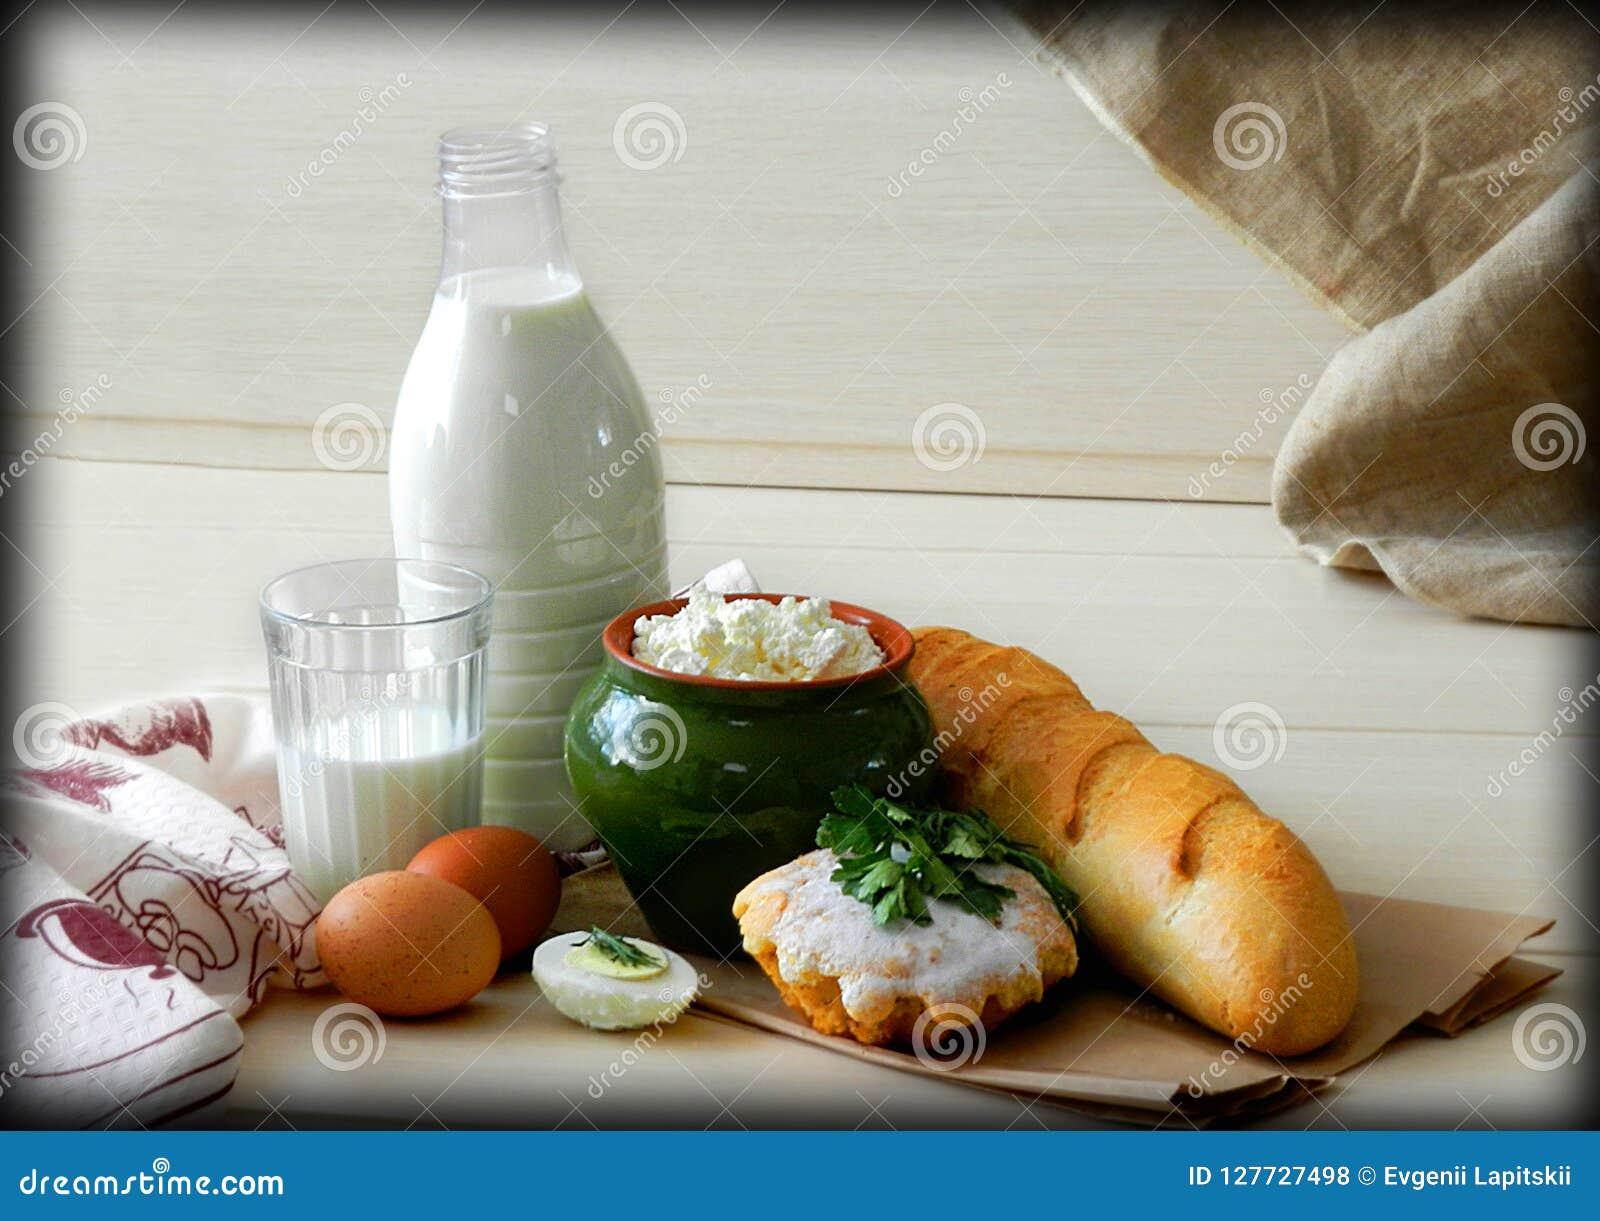 Desayuno simple del pueblo con pan y leche